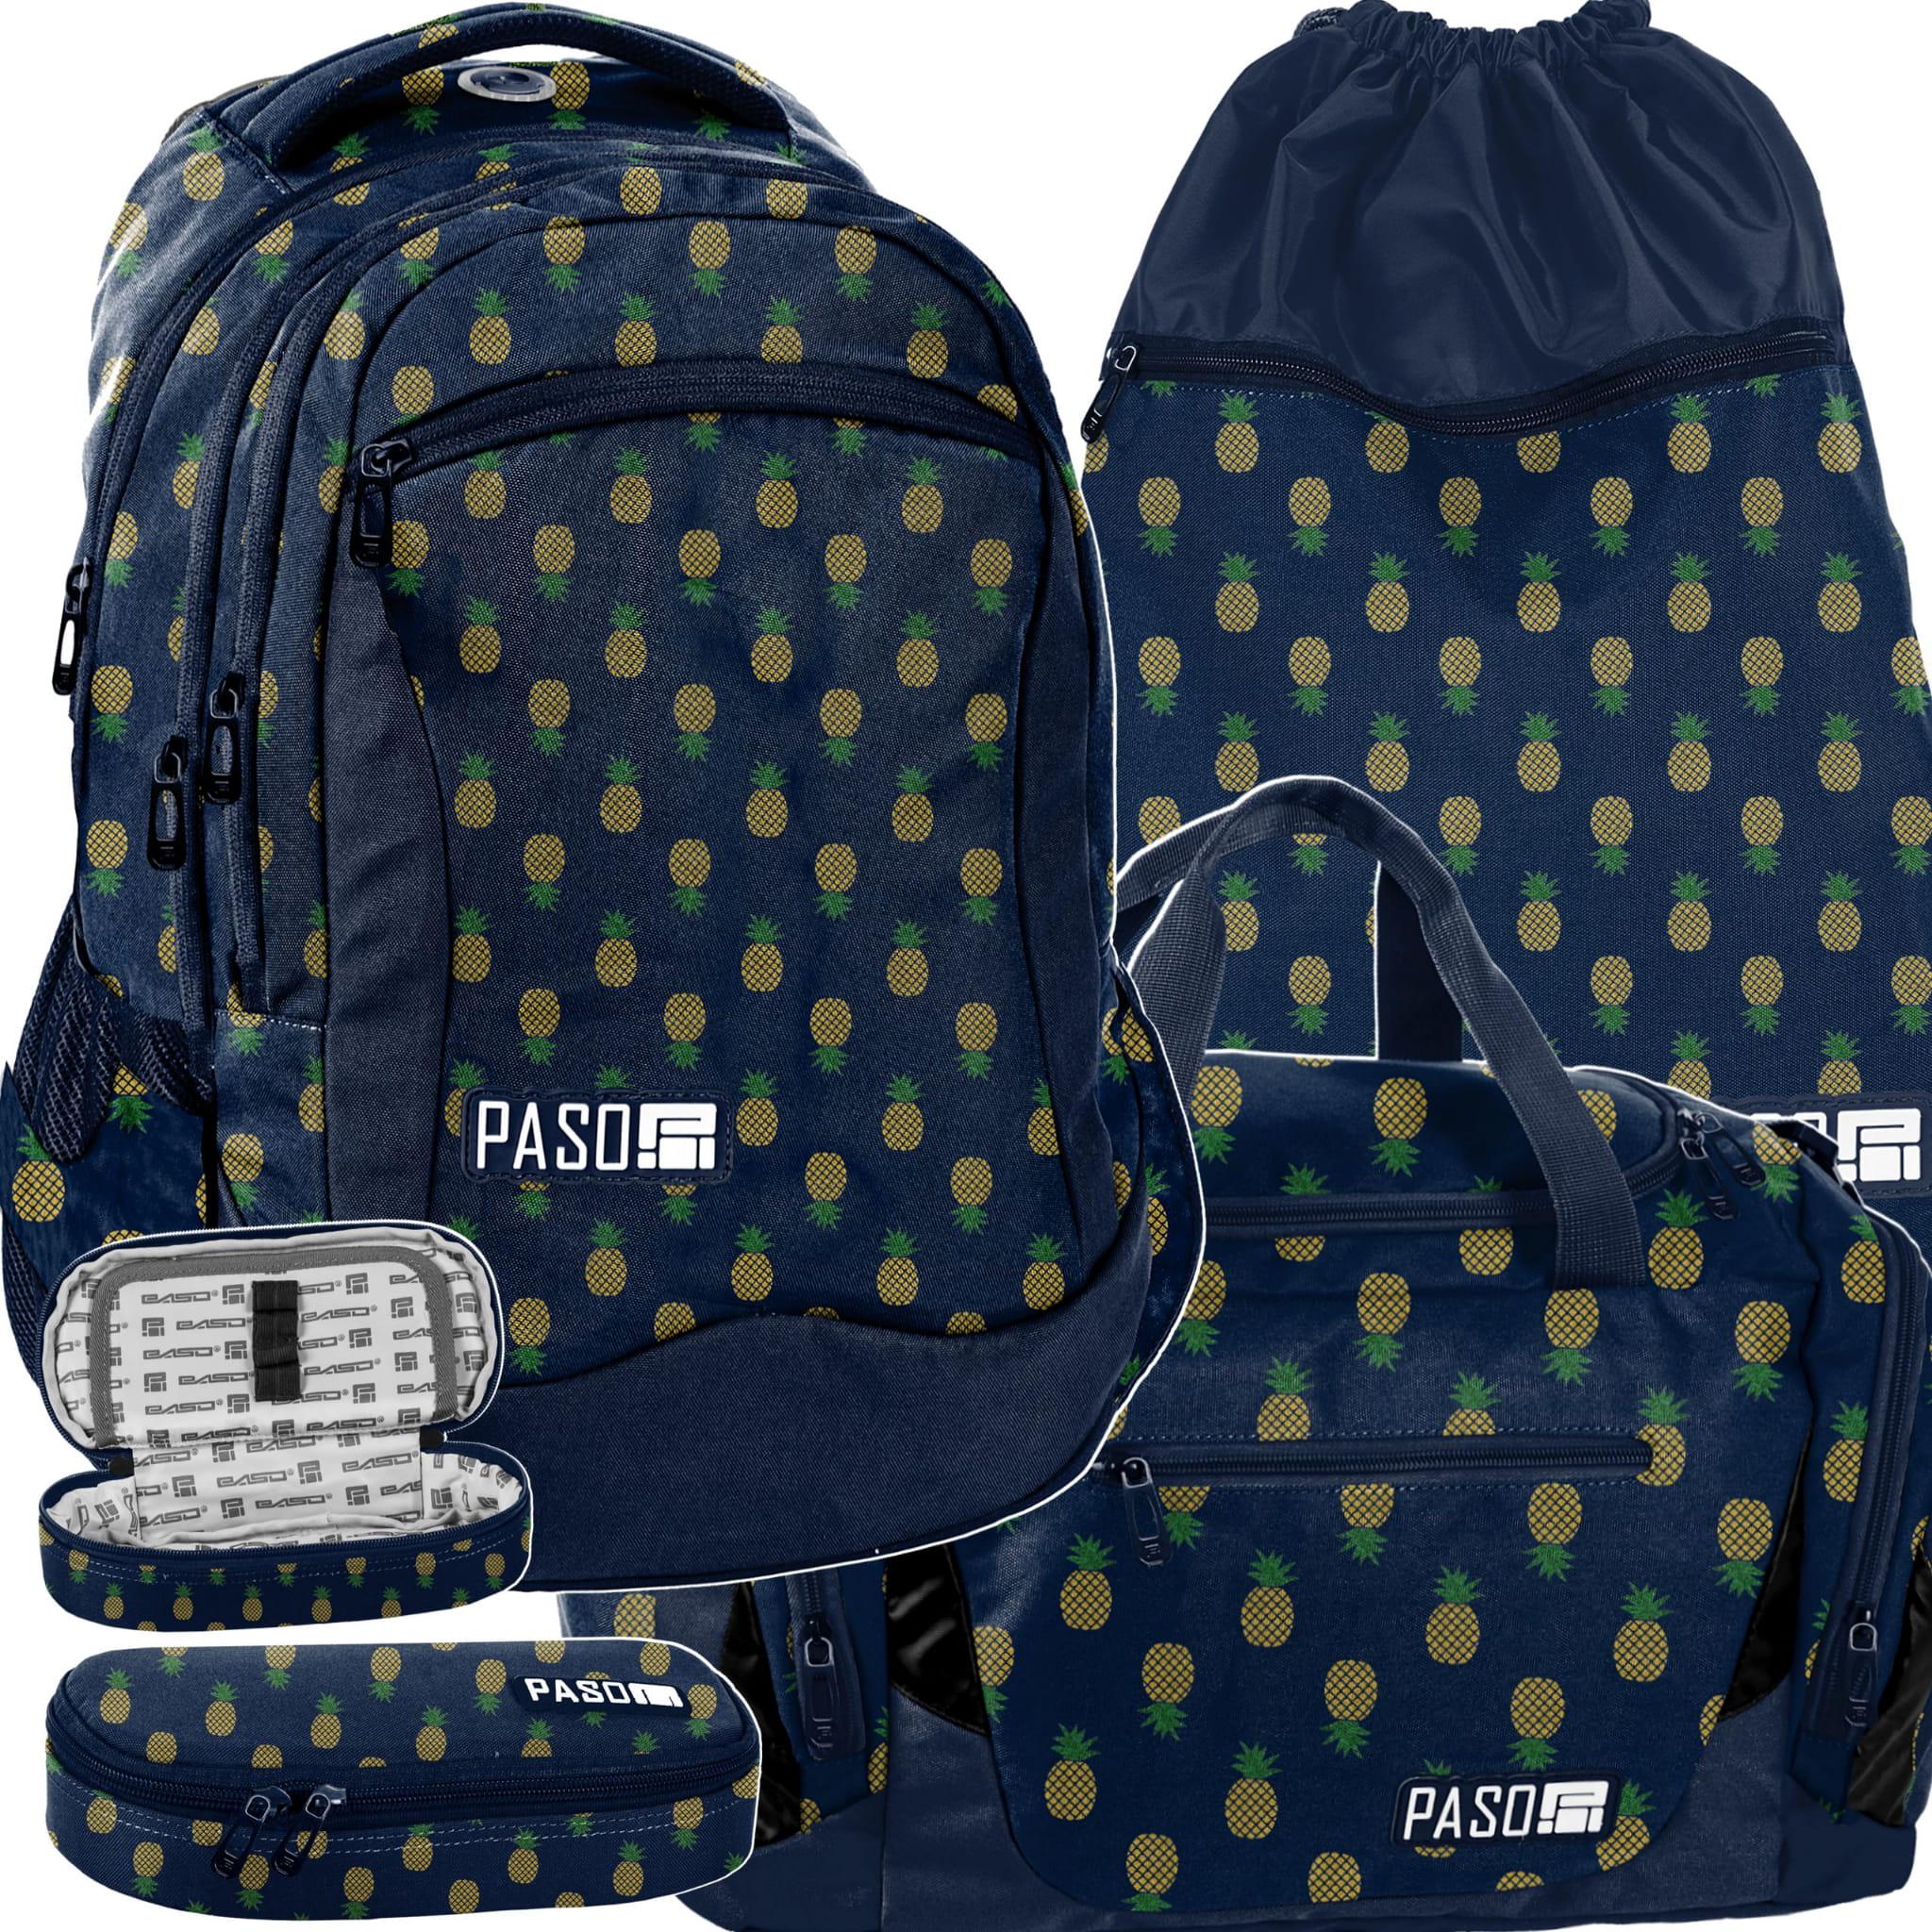 4a90844017b8a Zestaw młodzieżowy 4-elementowy PASO, plecak szkolny, piórnik, worek ...